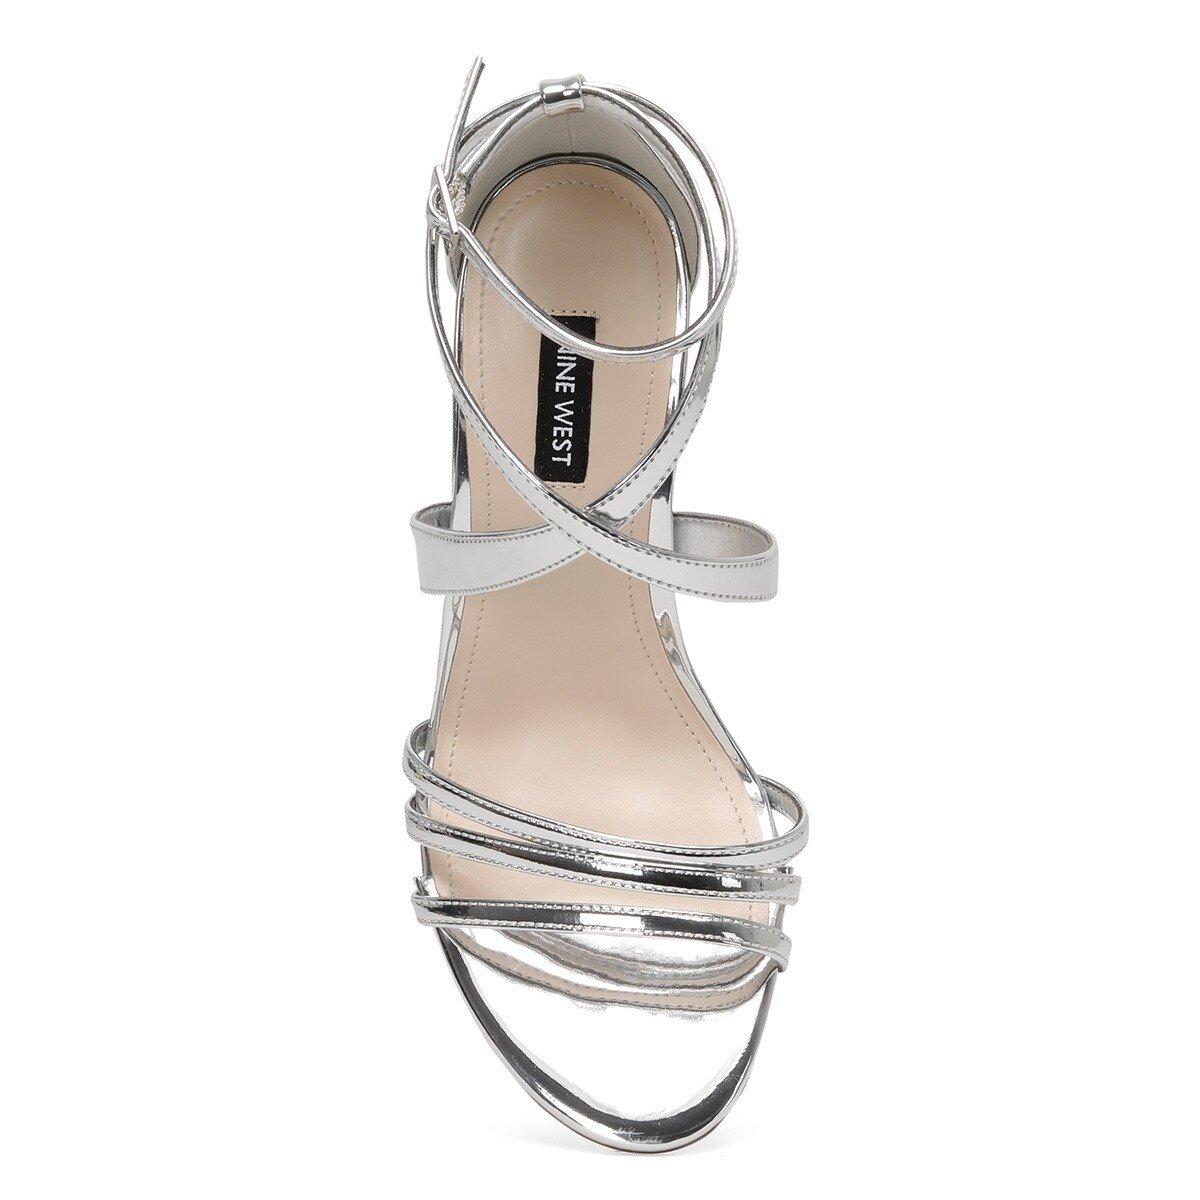 ILOV3 Gümüş Kadın Topuklu Sandalet